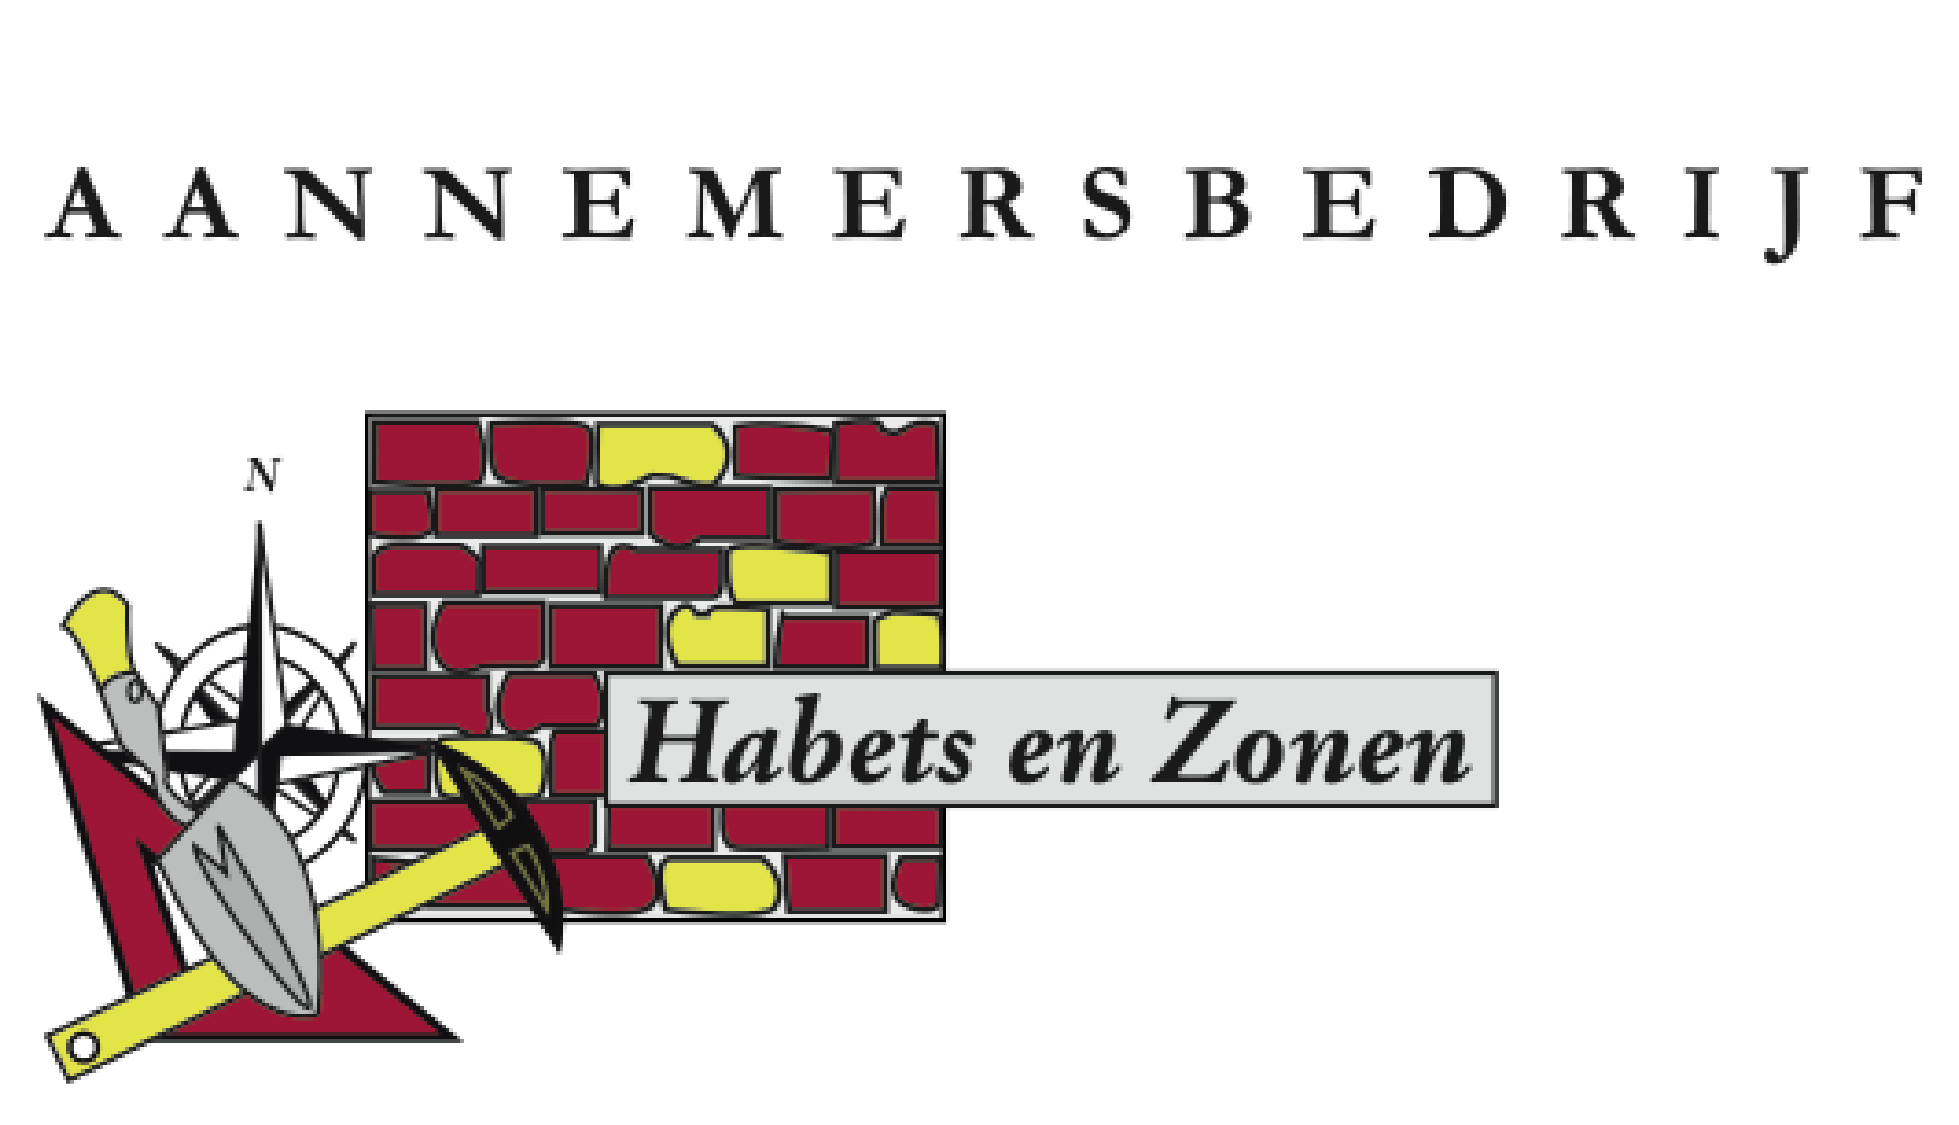 Aannemersbedrijf Habets en Zonen